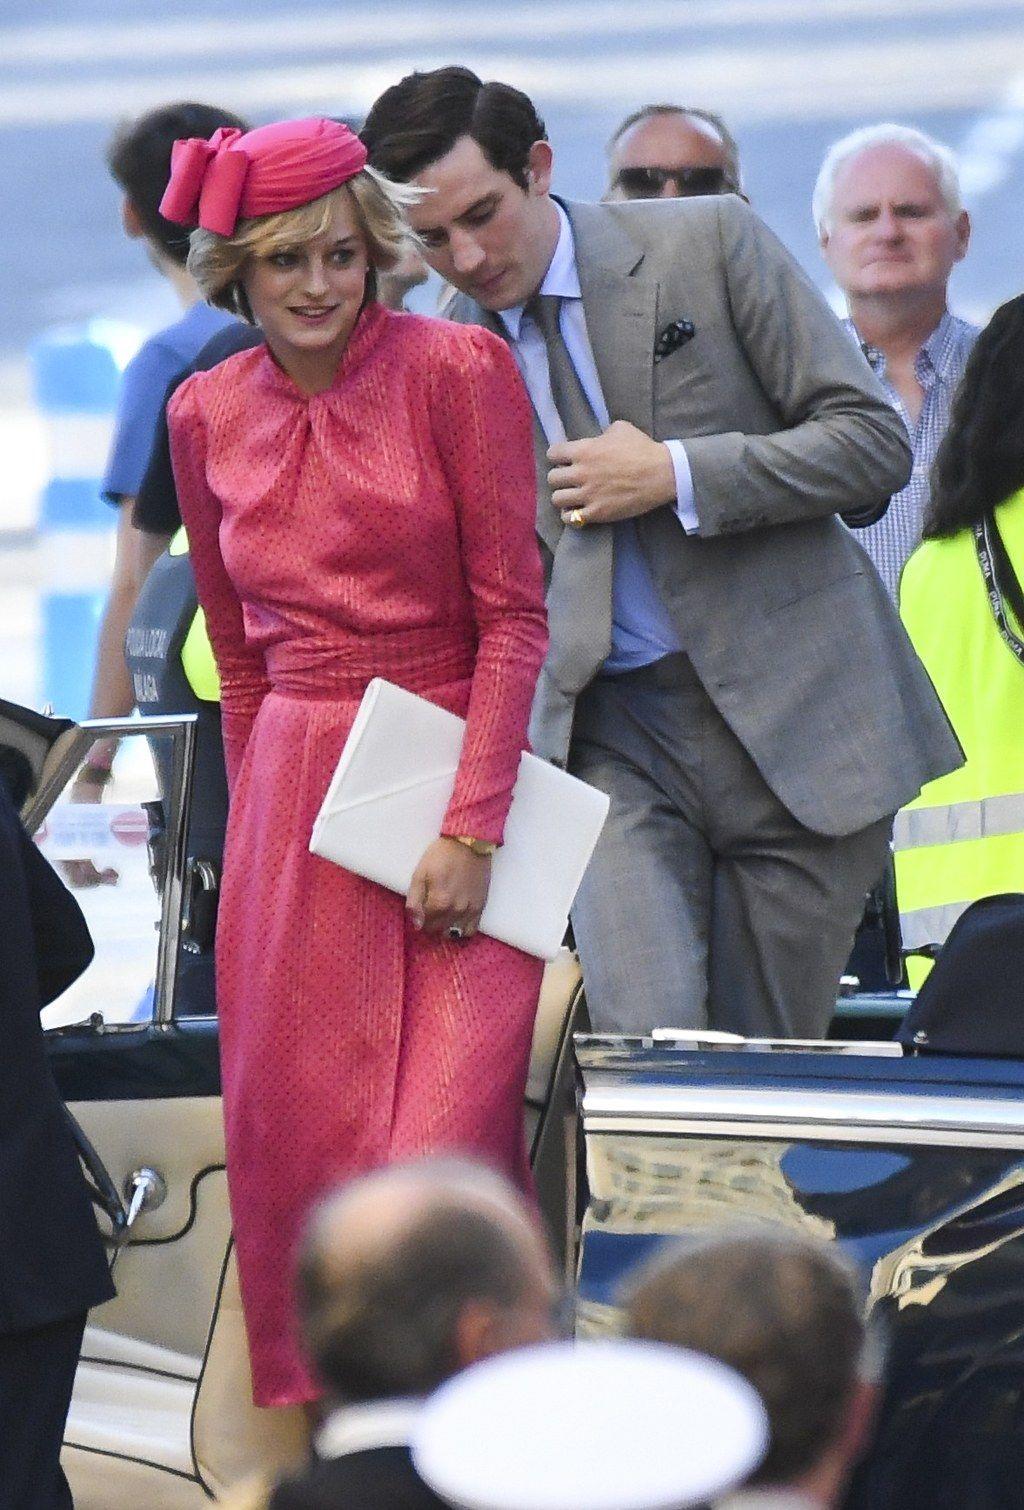 Emma Corrin Looks Exactly Like Princess Diana in New Photo